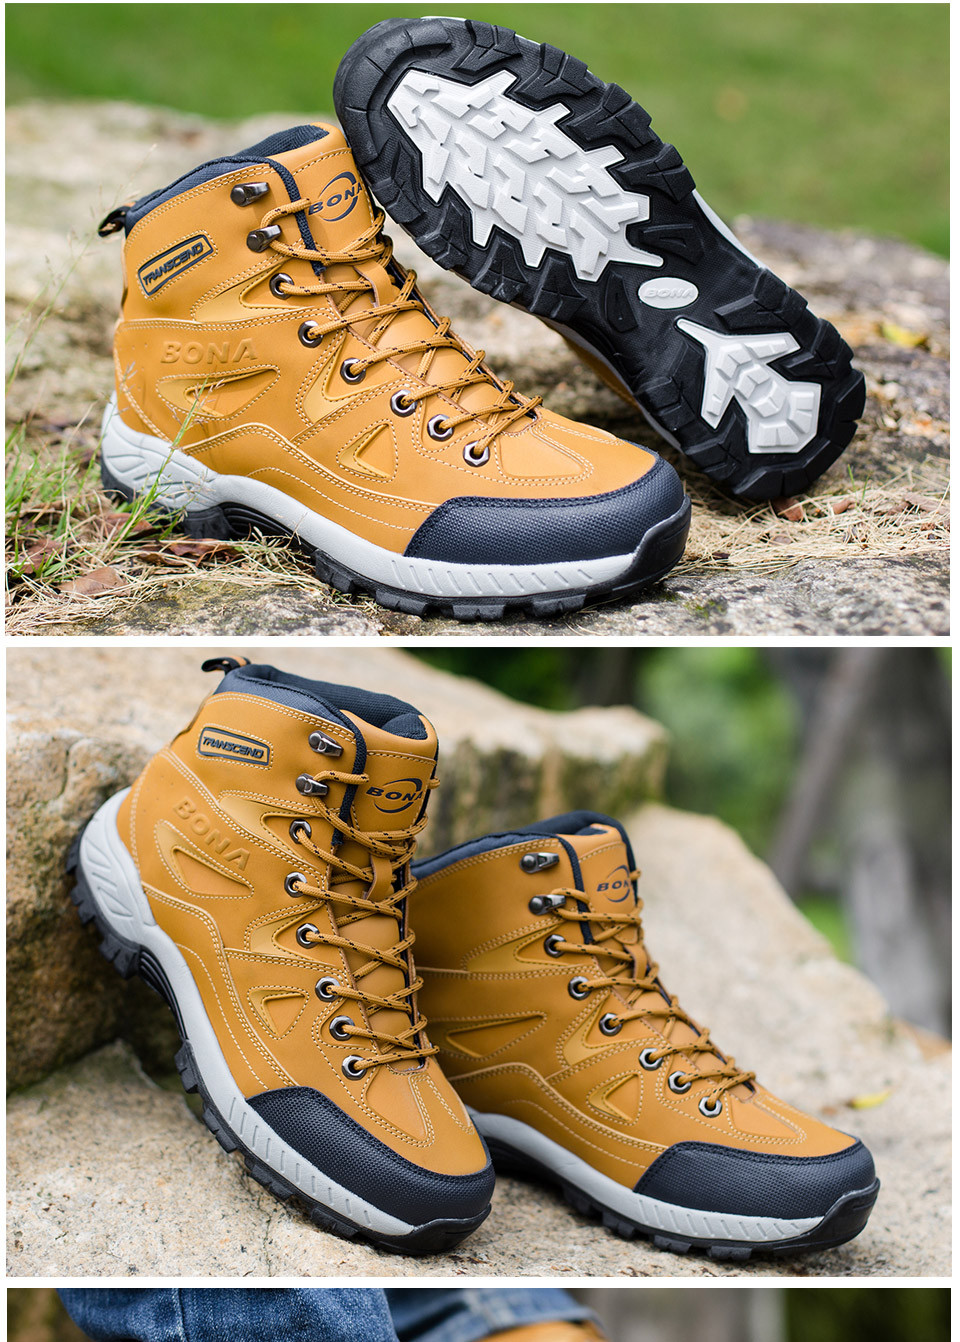 BONA Men Hiking Shoes Anti-Slip 11